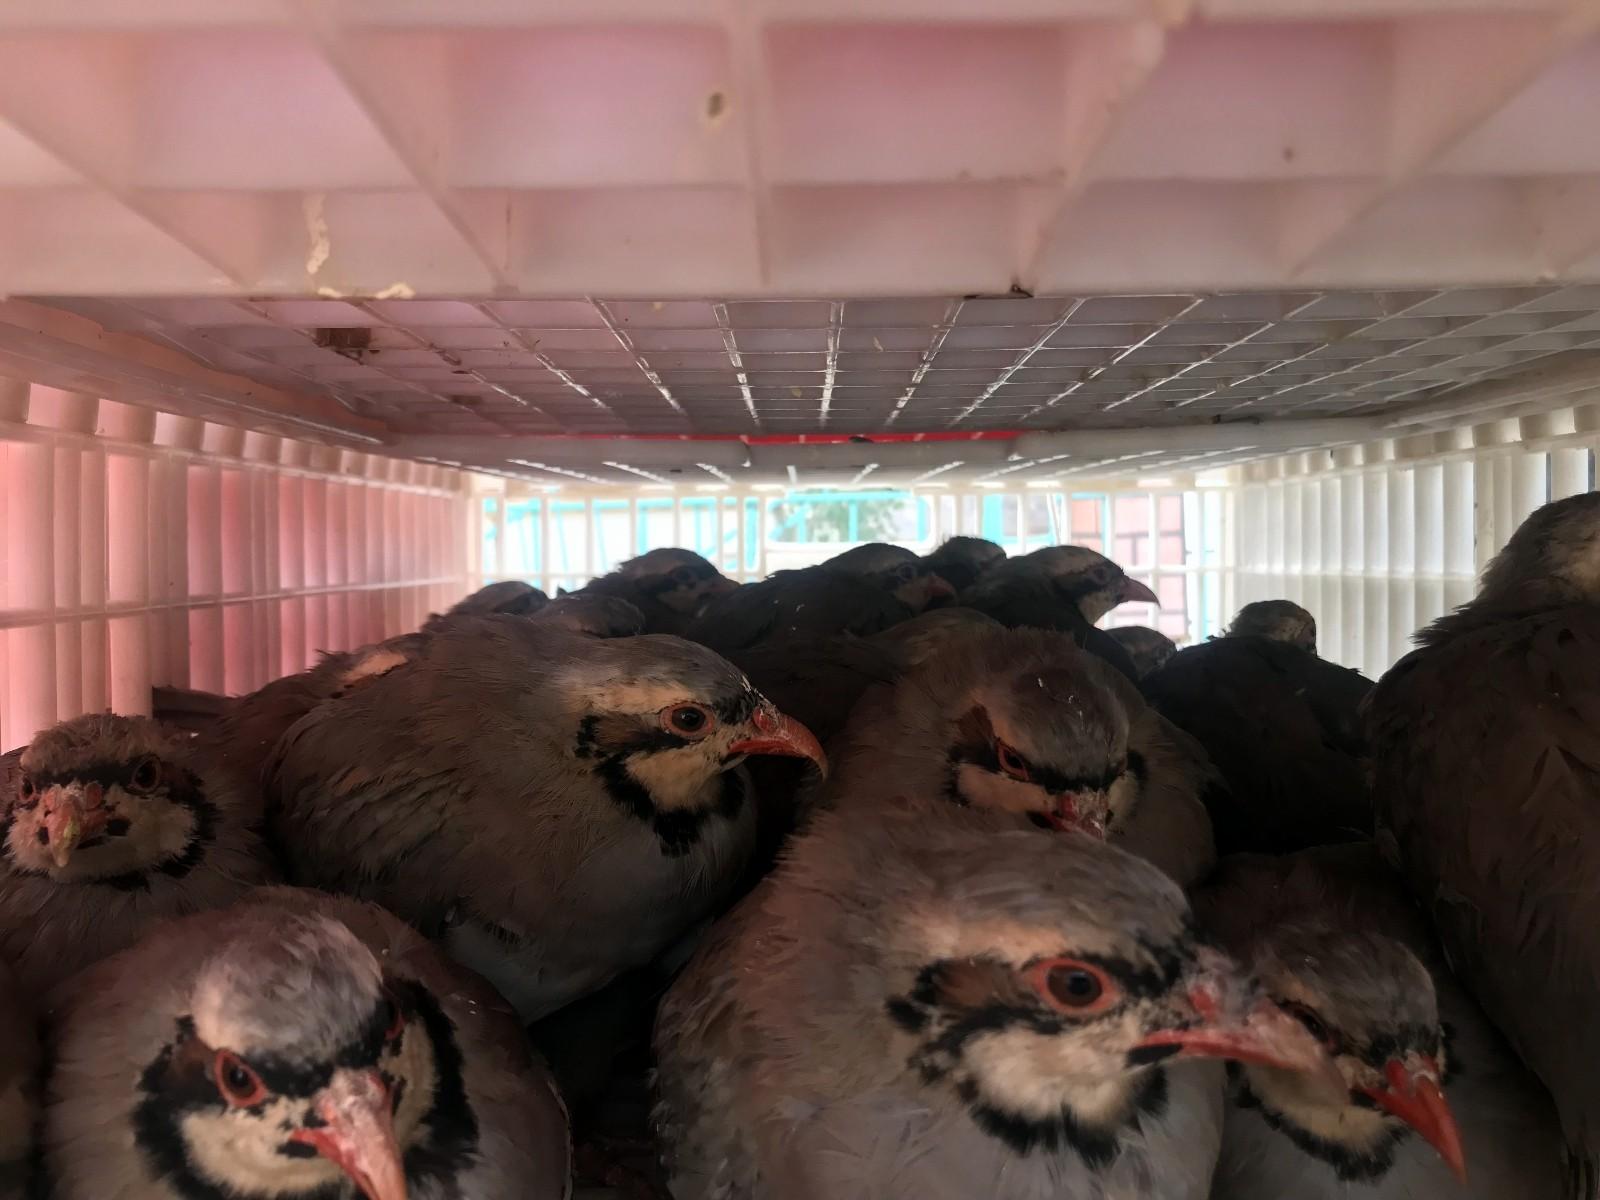 2 bin 675 adet Kınalı Keklik doğaya salındı #bayburt